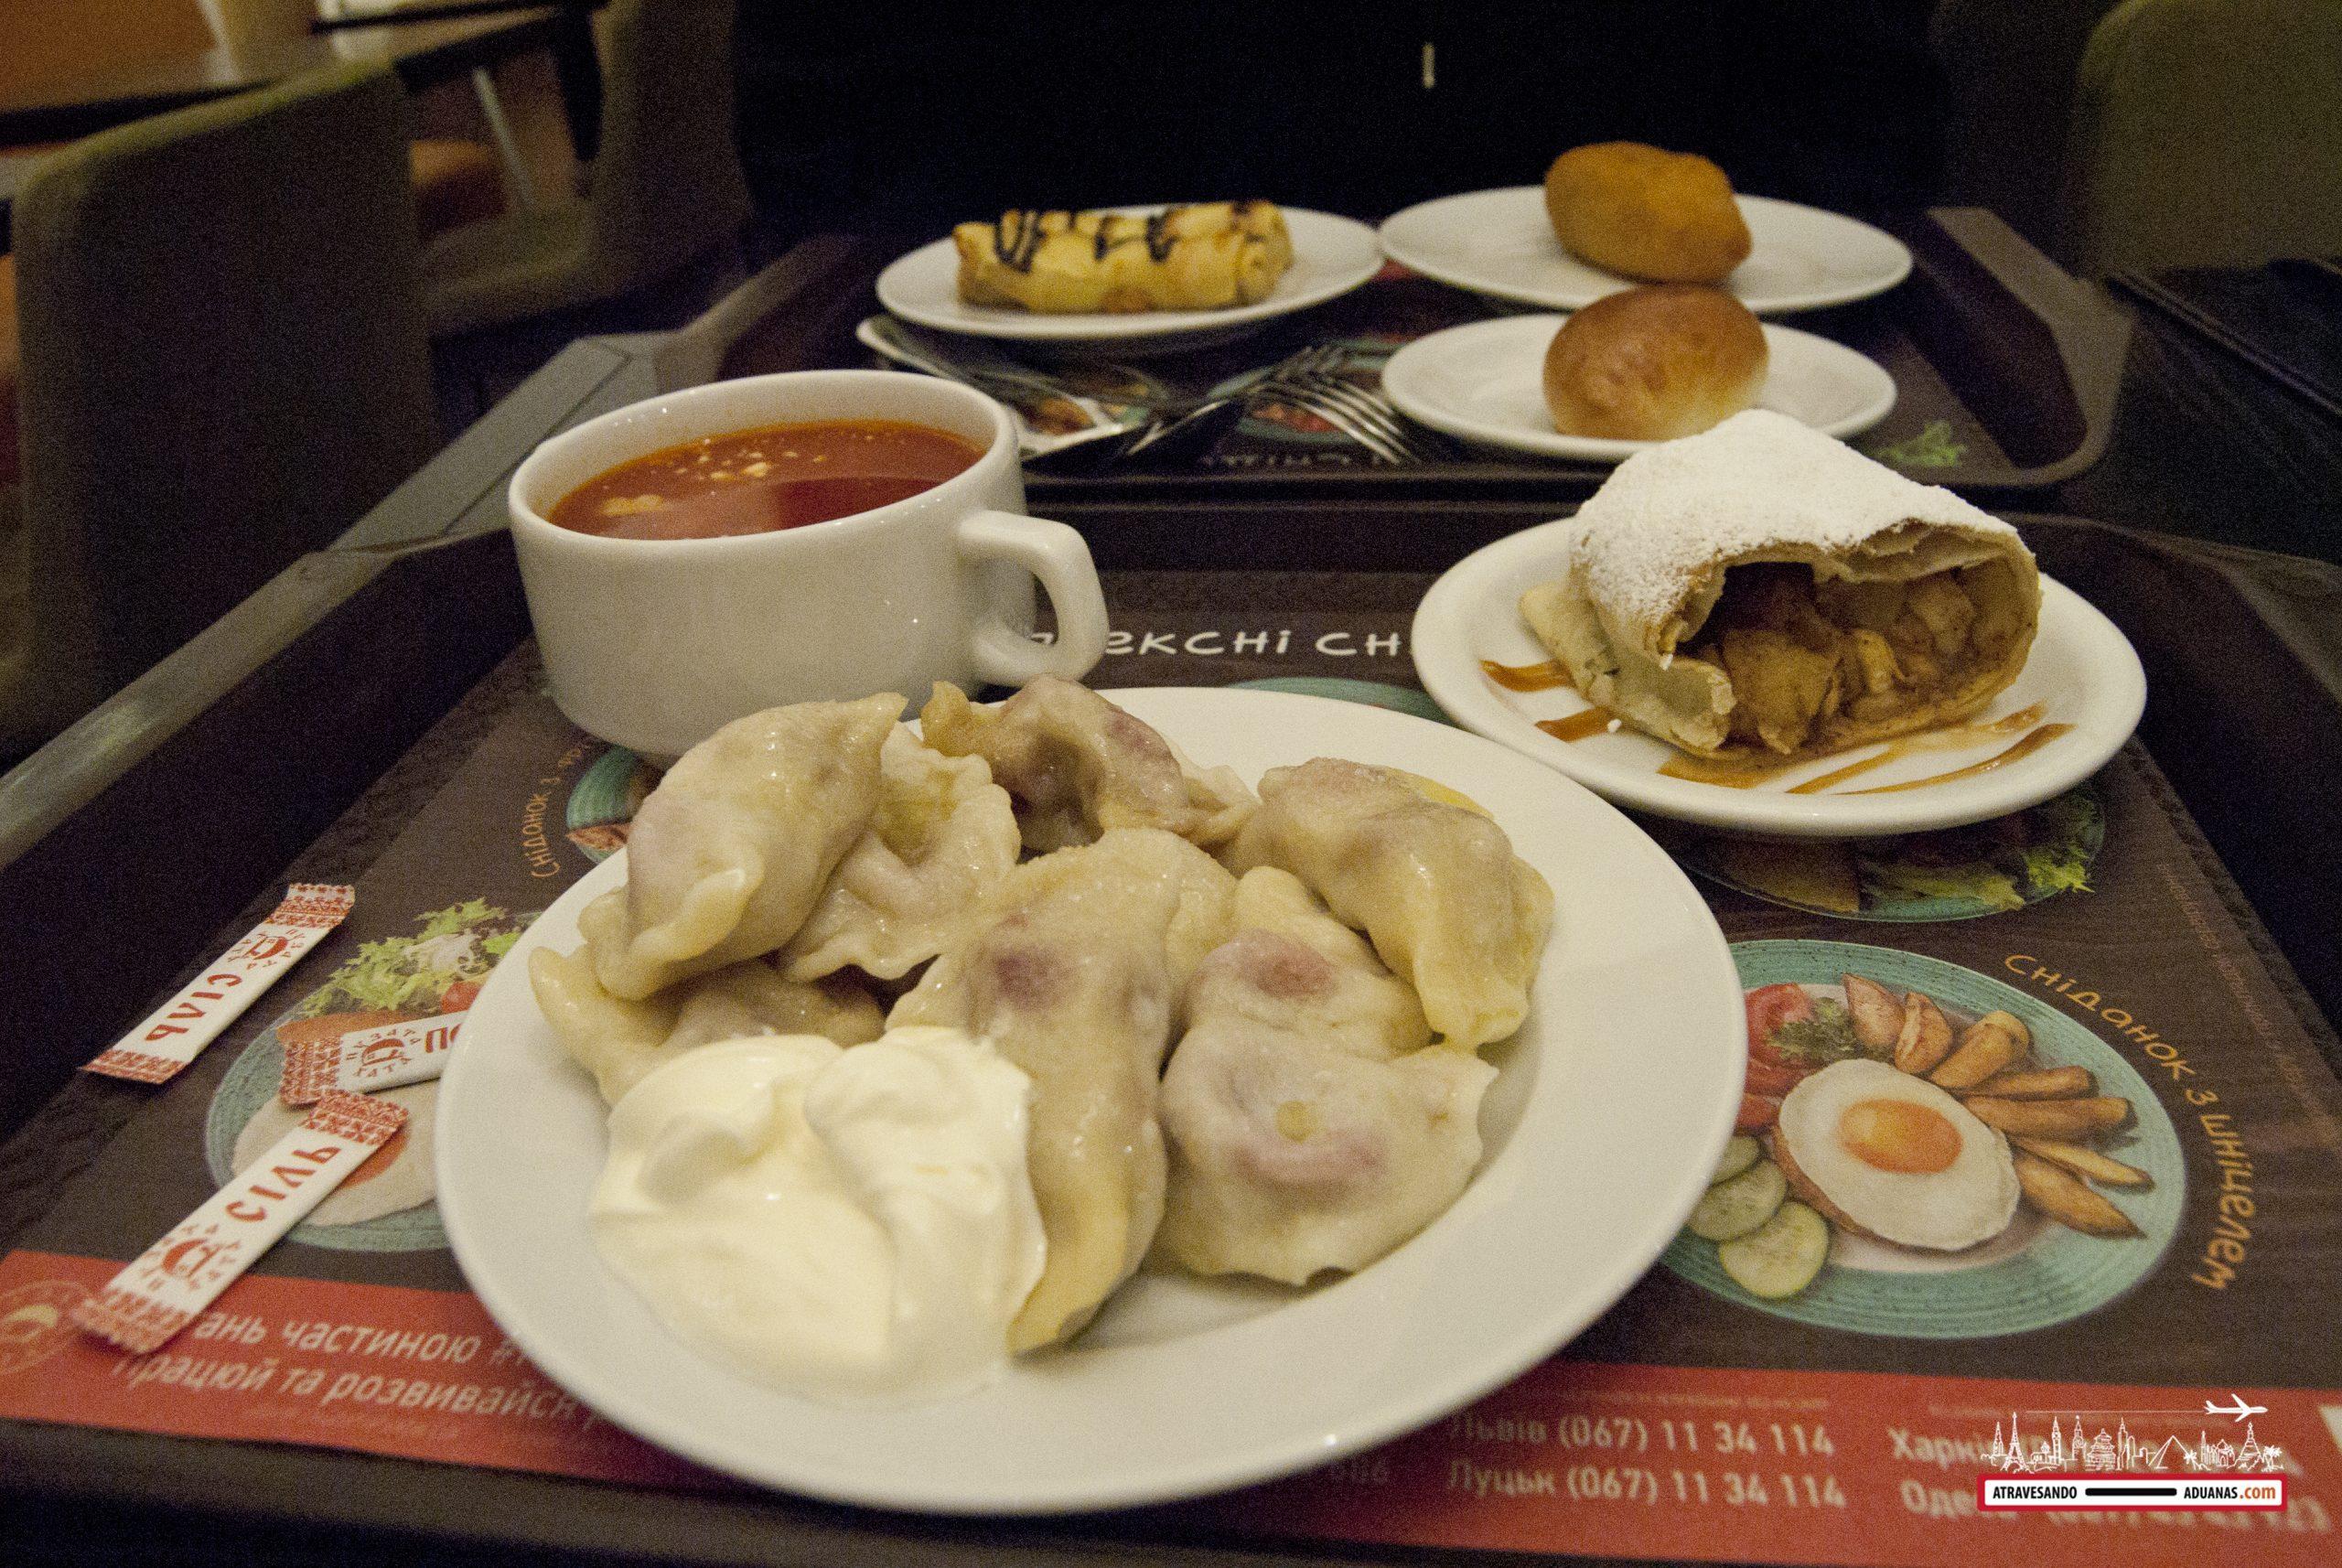 comida ucraniana en lviv